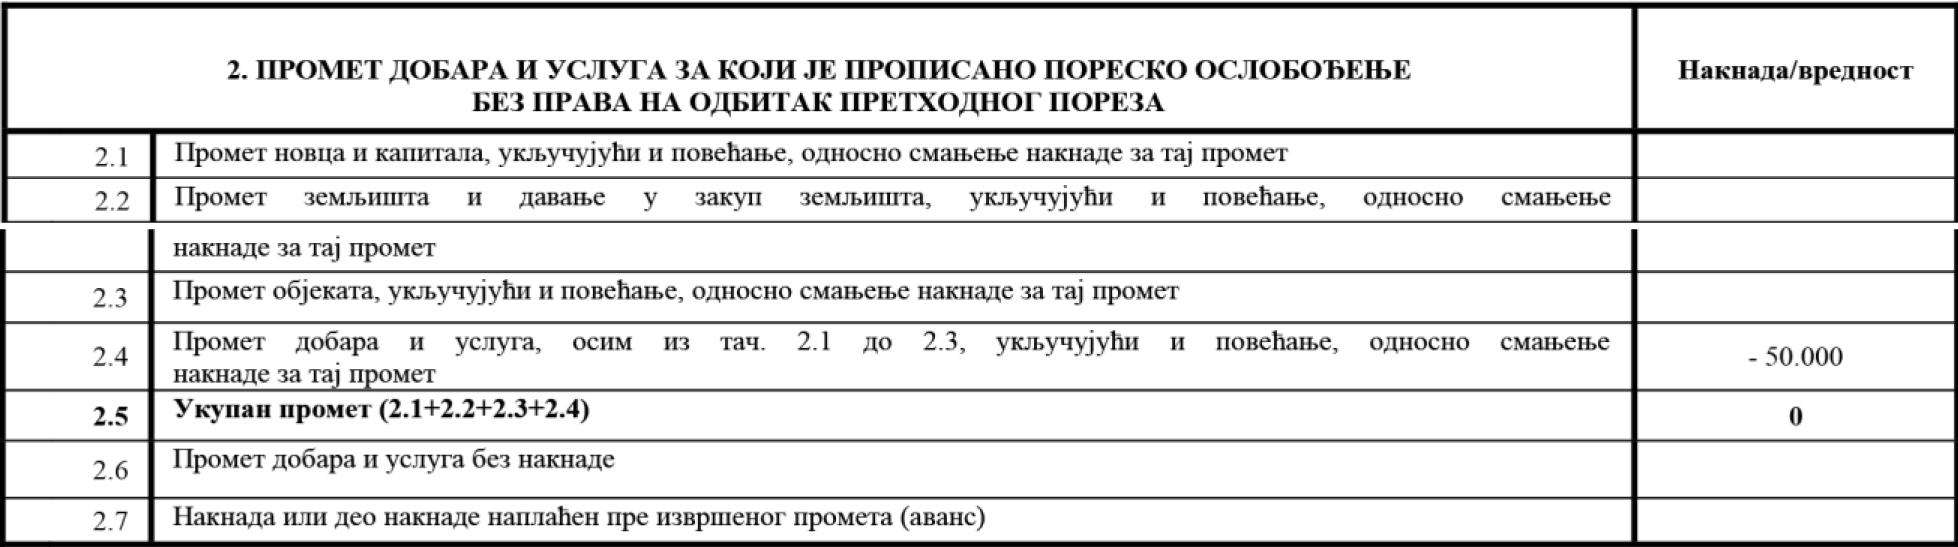 uputstvo PU obrazac POPDV primer 42